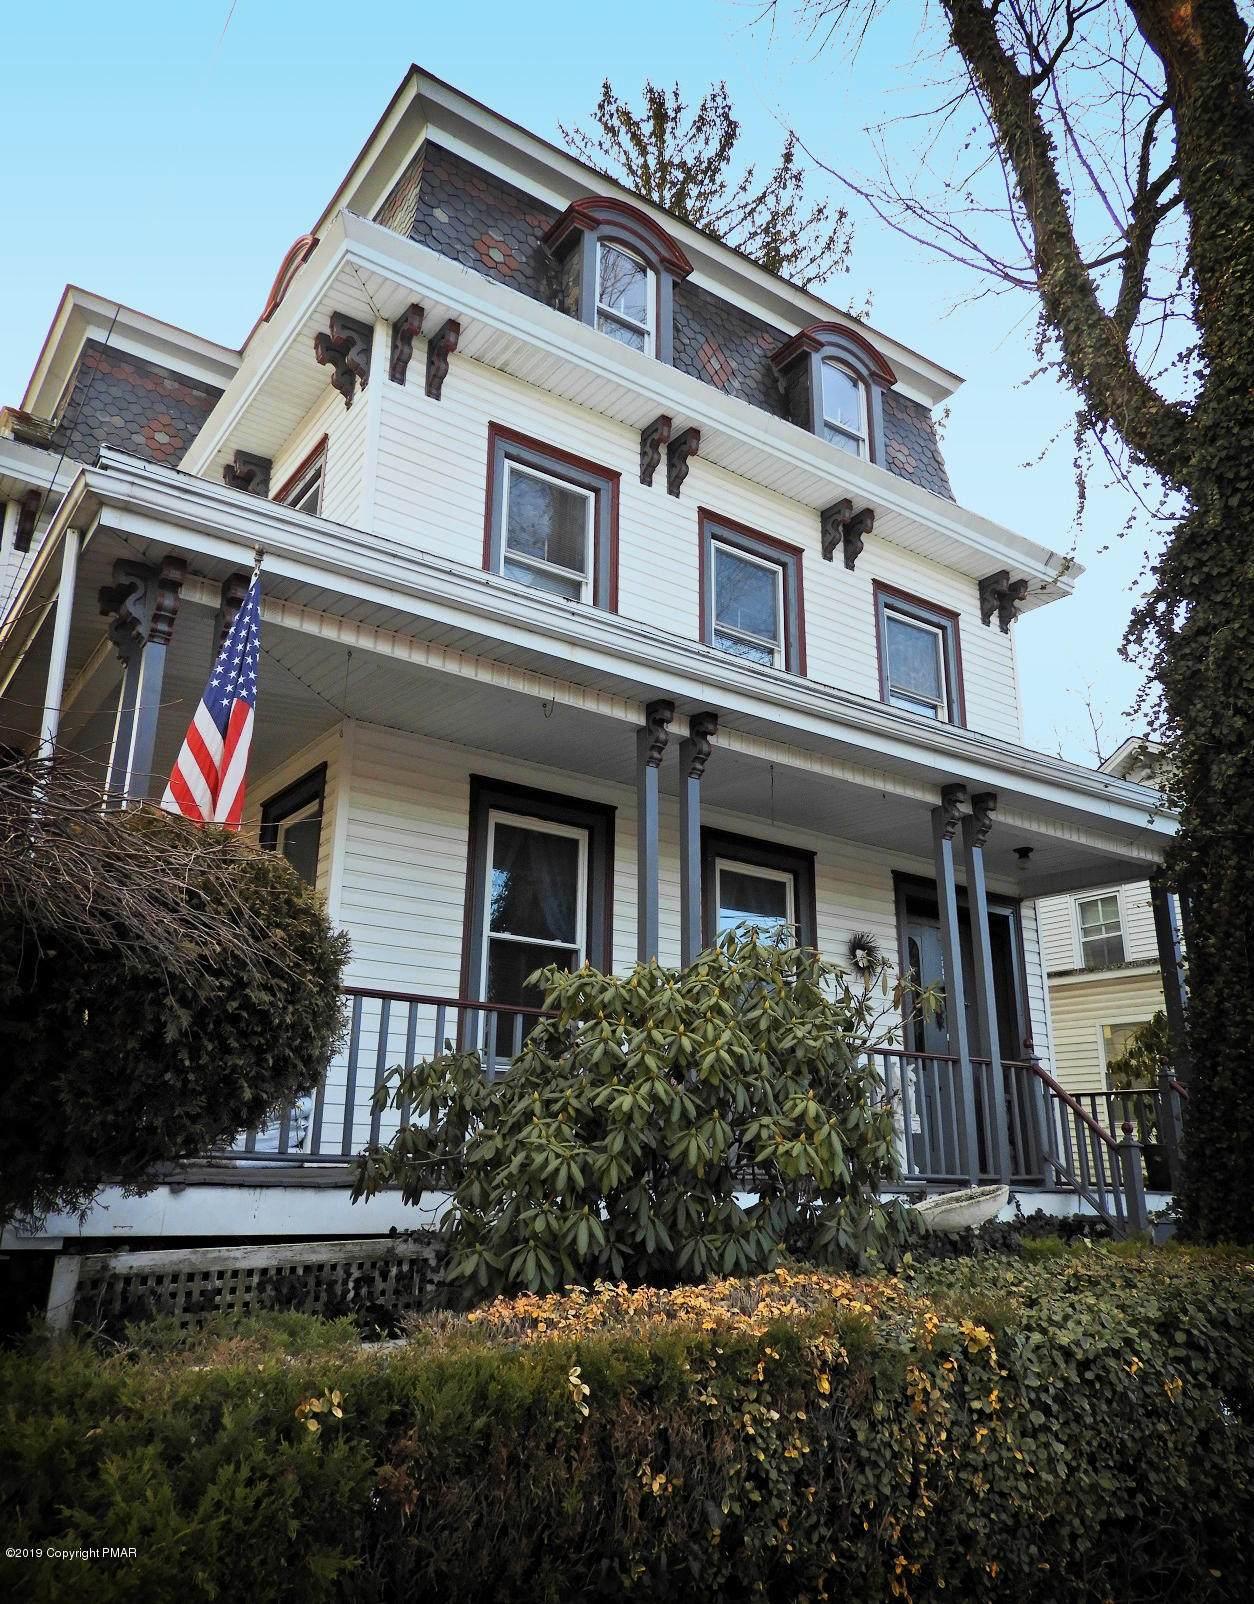 523 Delaware Ave - Photo 1